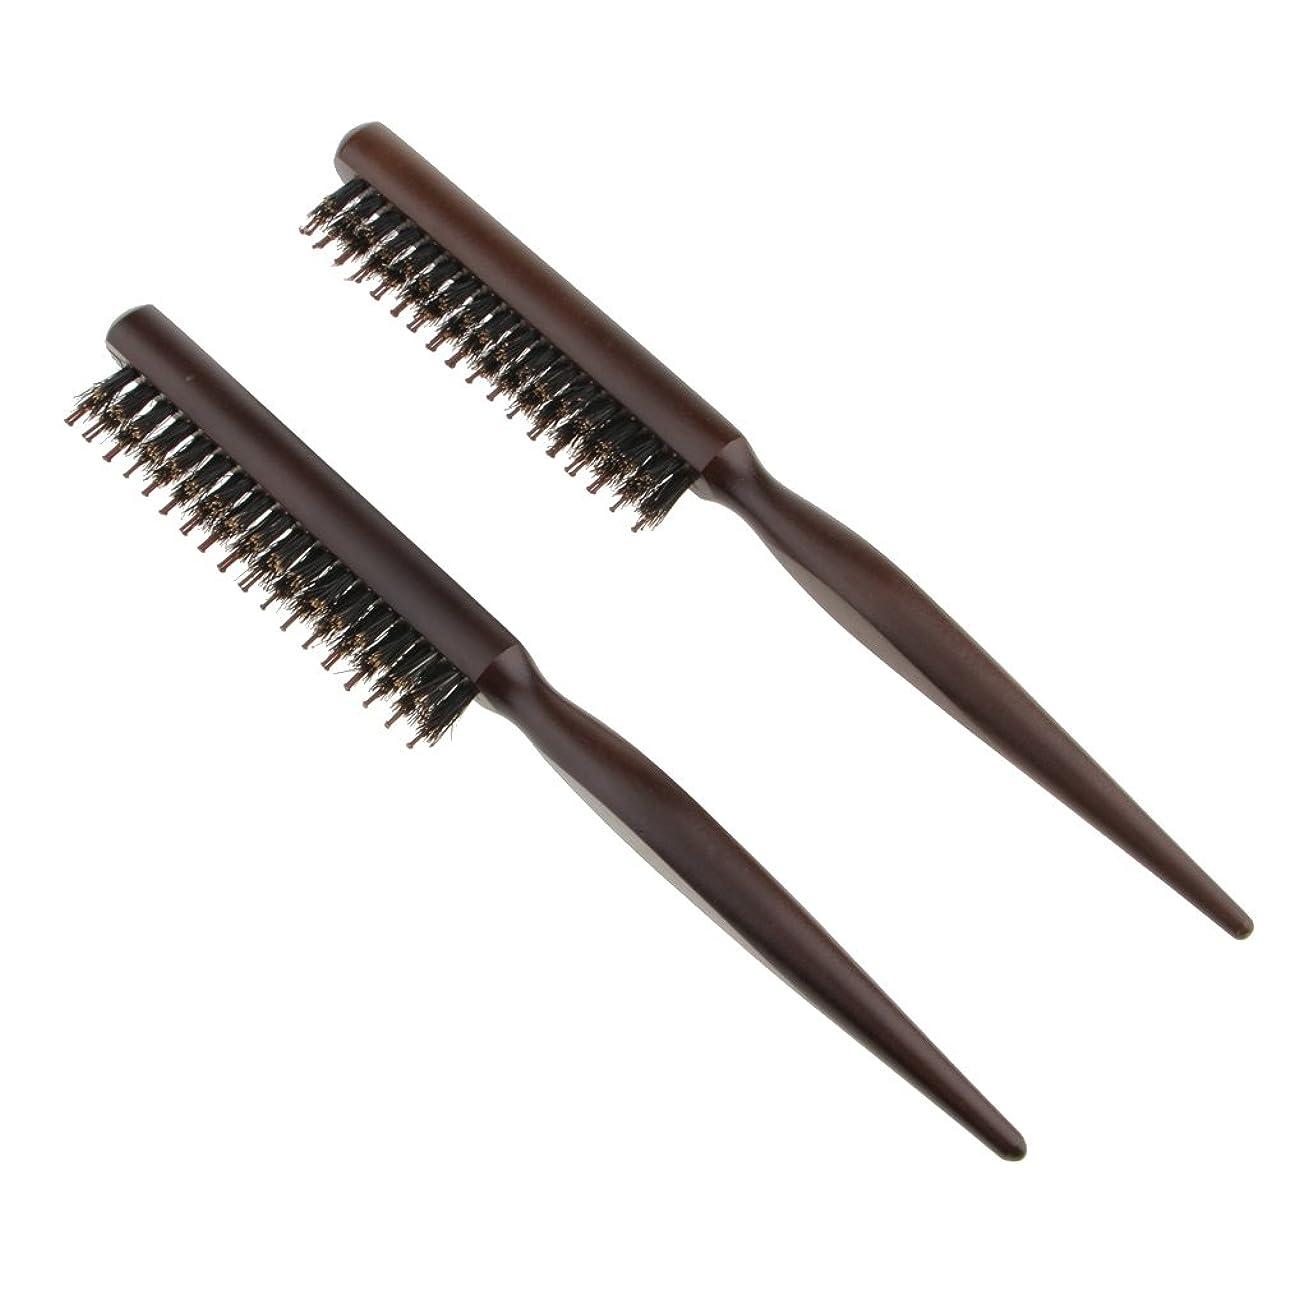 レイ麦芽適応的Toygogo ヘアセクショニング、エッジコントロール、バックコーミング用の木製ラットテールピック付きヘアブラシコームをからかう自然な毛